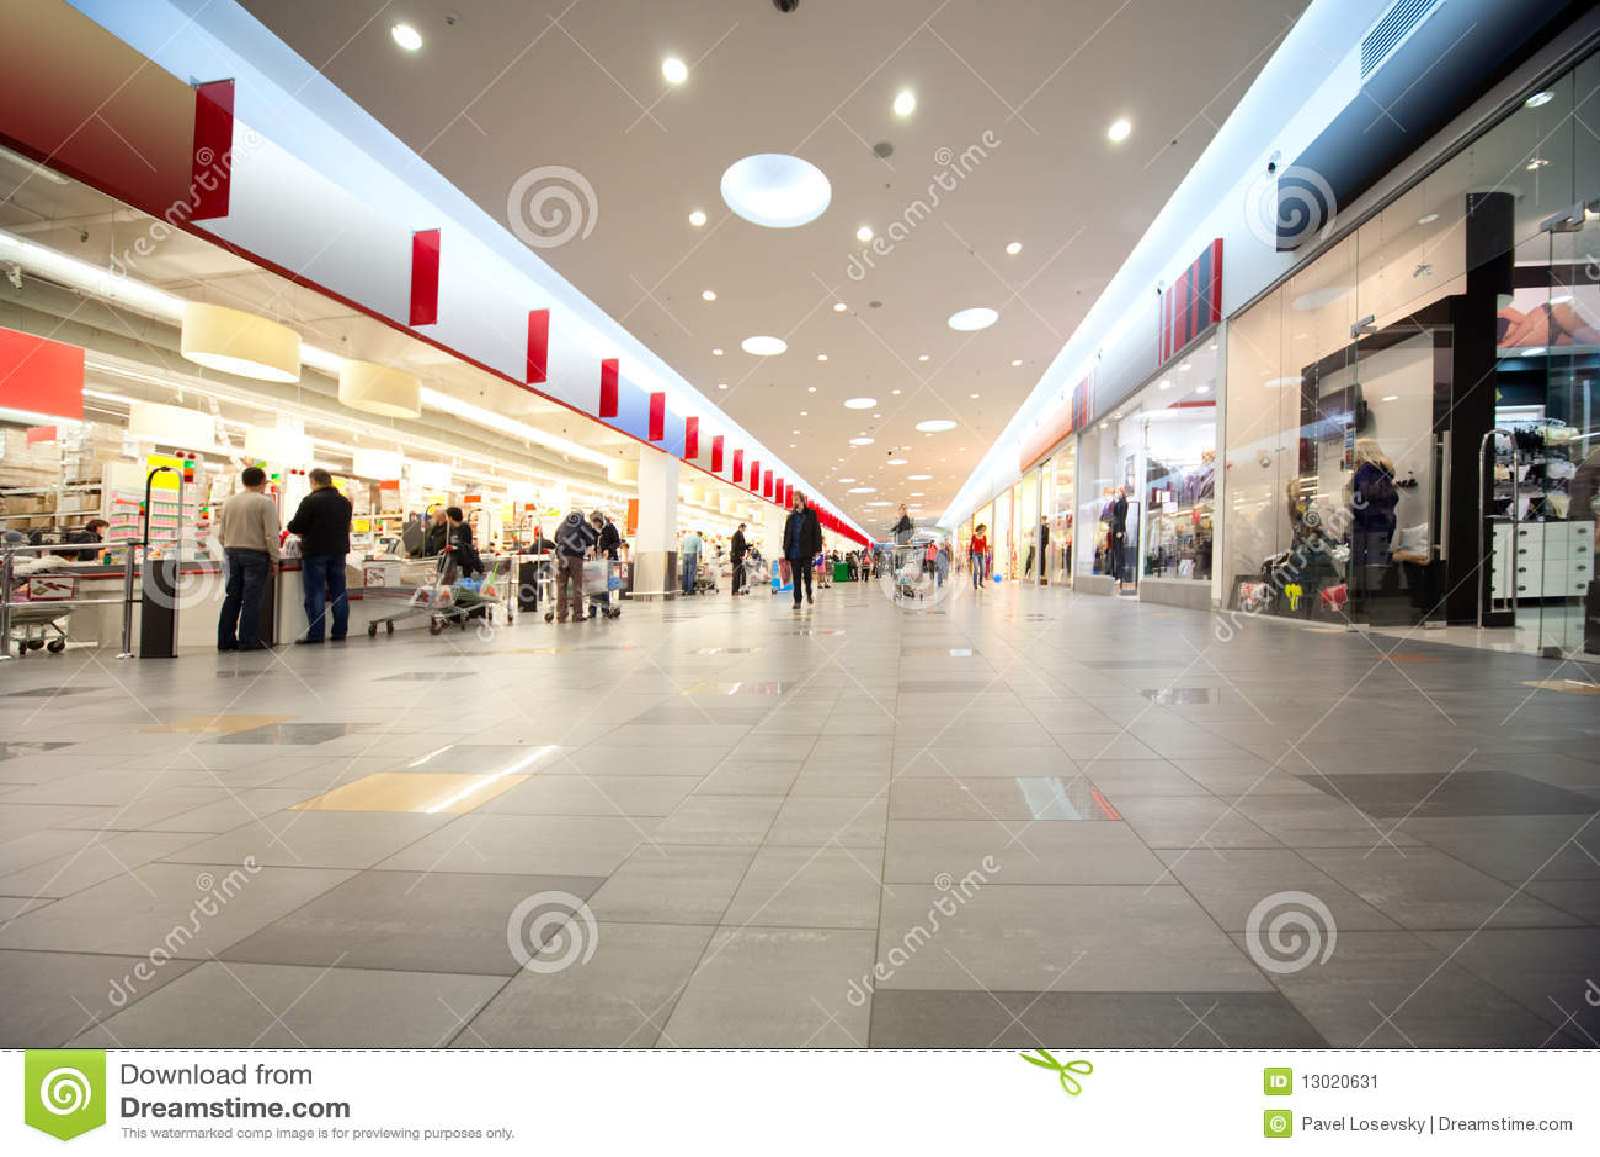 Intermitente en un centro comercial